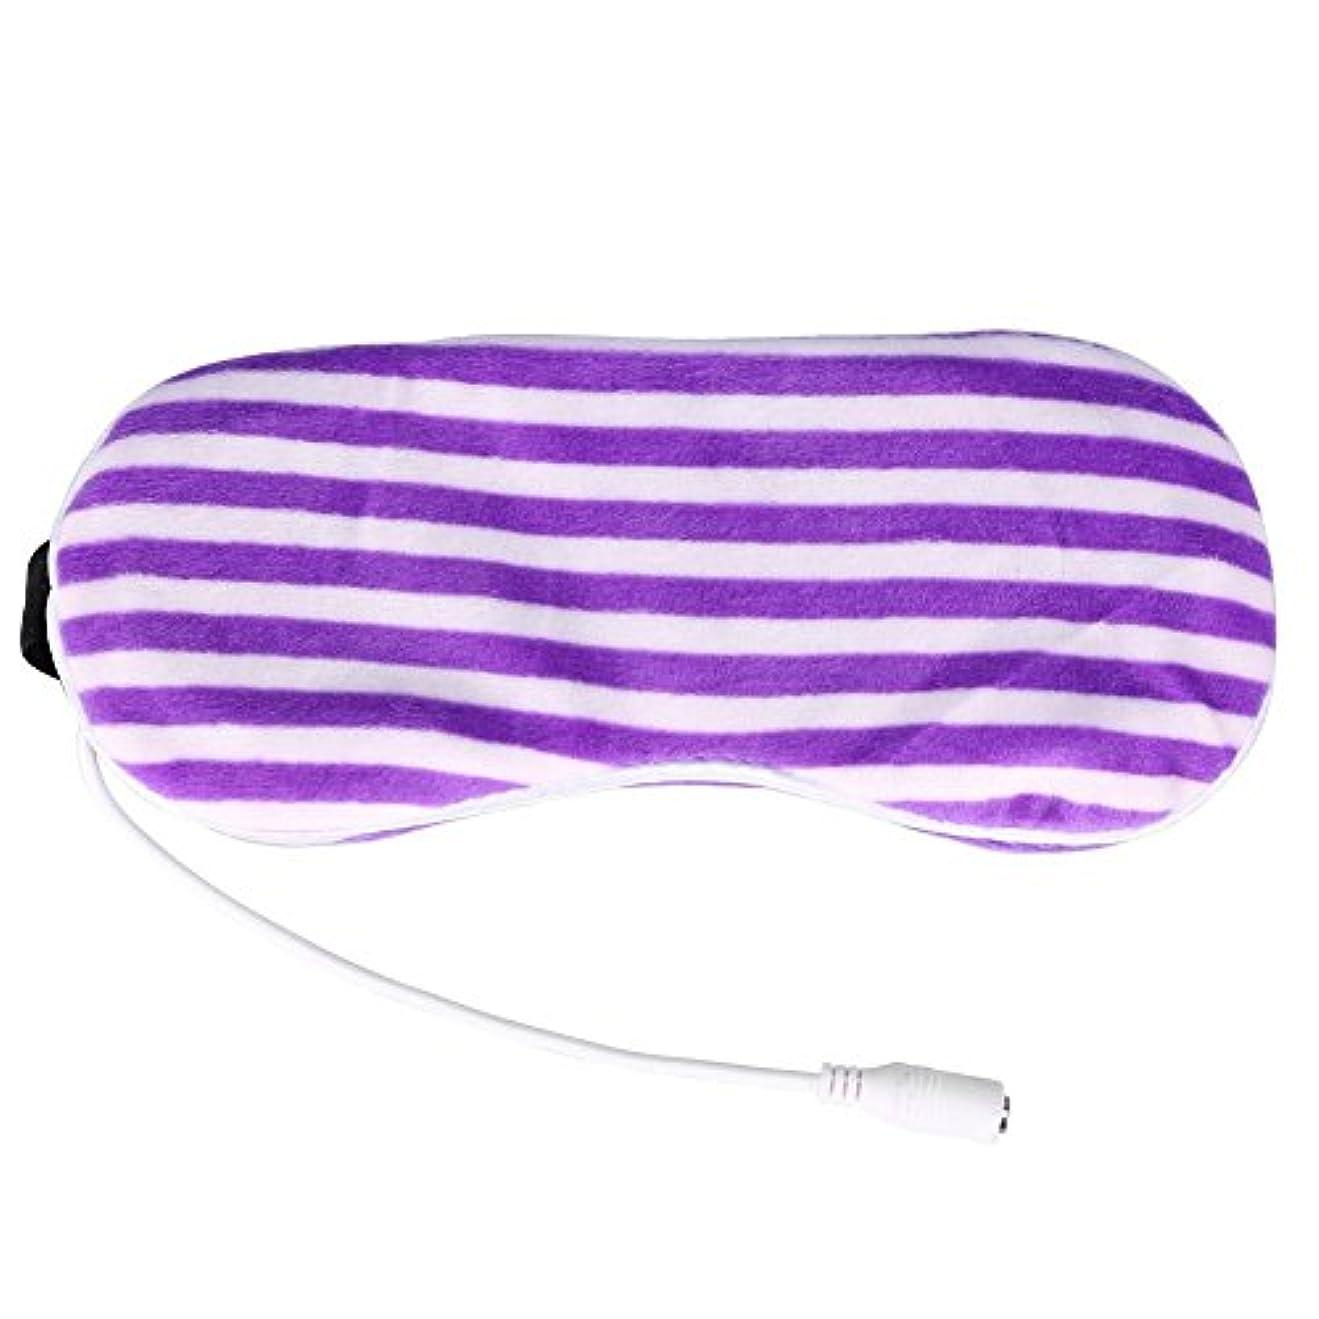 世界に死んだコスチューム囲まれたアイマスクアイマッサージャー、睡眠旅行ポータブル用USB加熱スチームアイシェード(パープルストライプ)